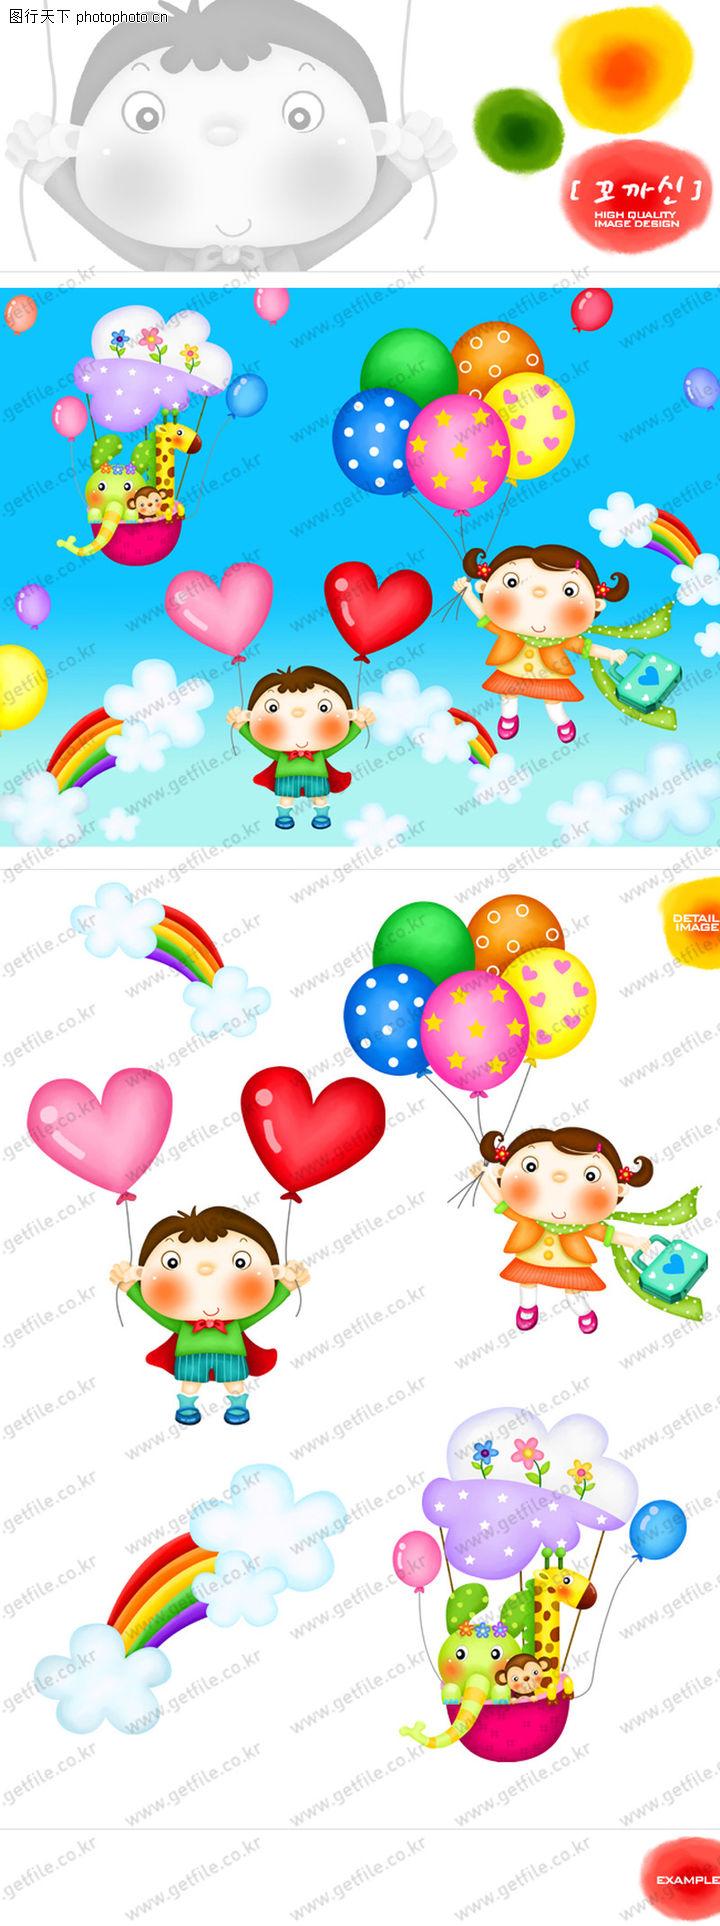 欢乐儿童,彩绘人物情景模板,蓝天 彩球 升空 彩虹 飞翔,欢乐儿童0024